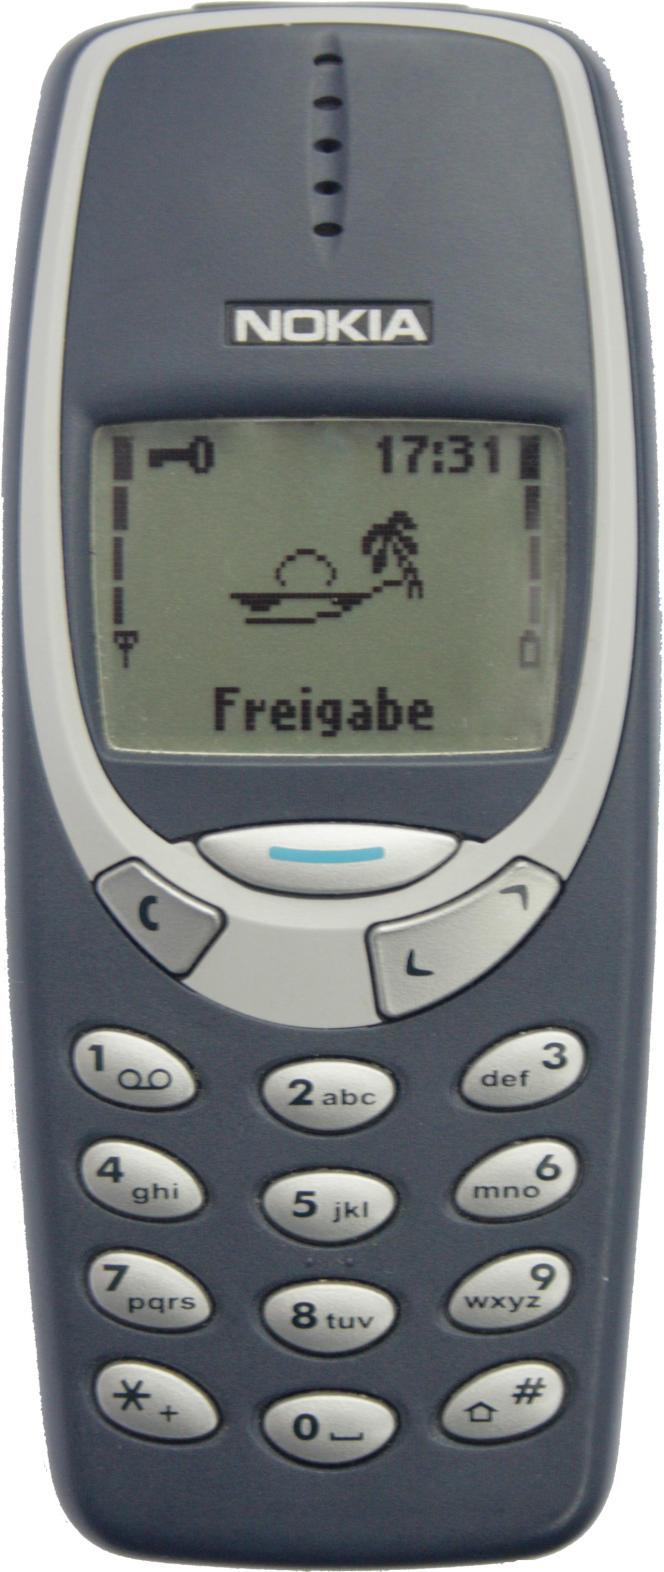 Le Nokia 3310 est de retour